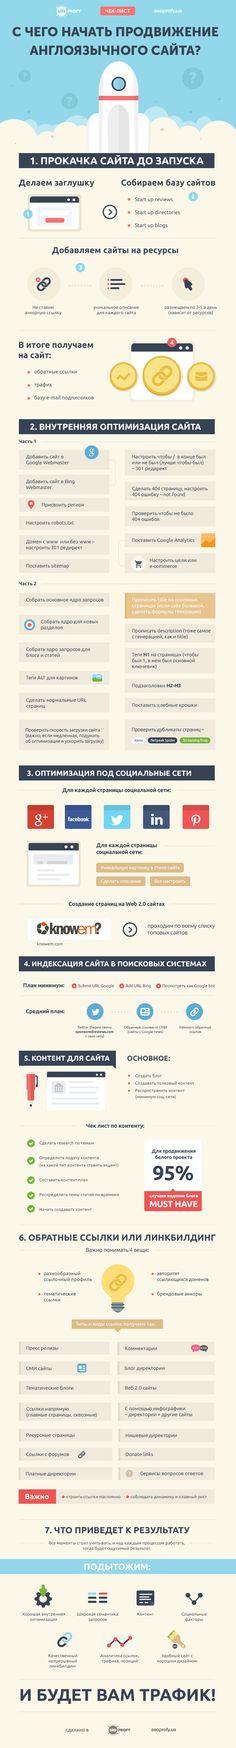 Как сделать рекламу на сайте в интернет ша сайты как сделать фото бесплатно